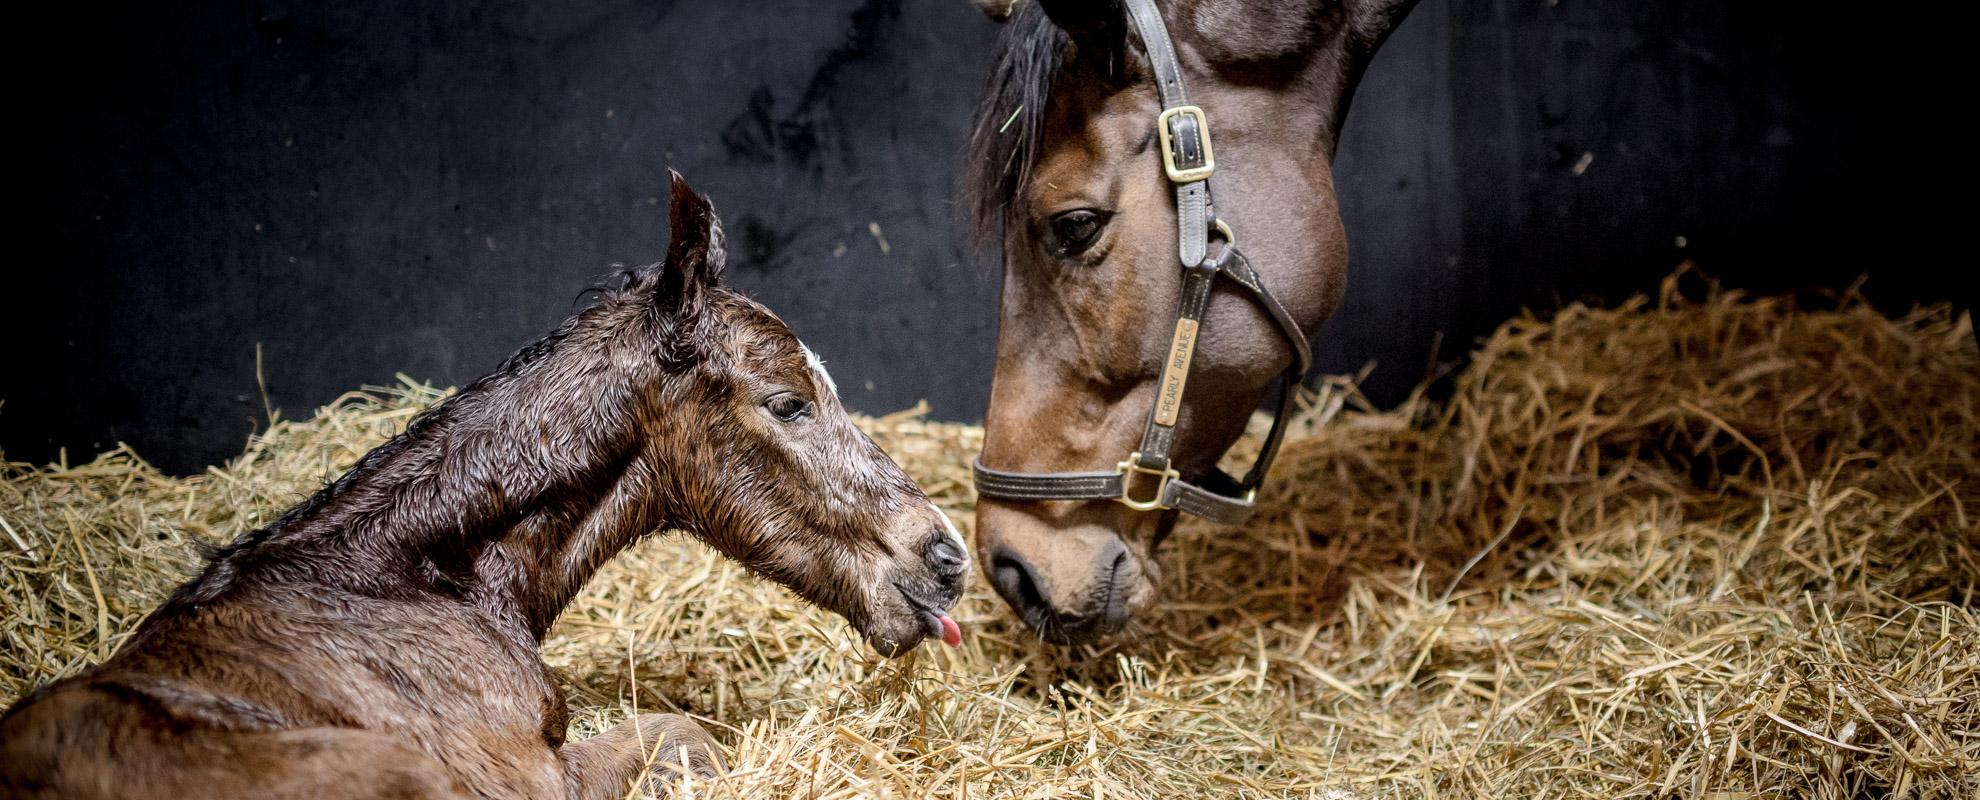 horses_foals_main_001